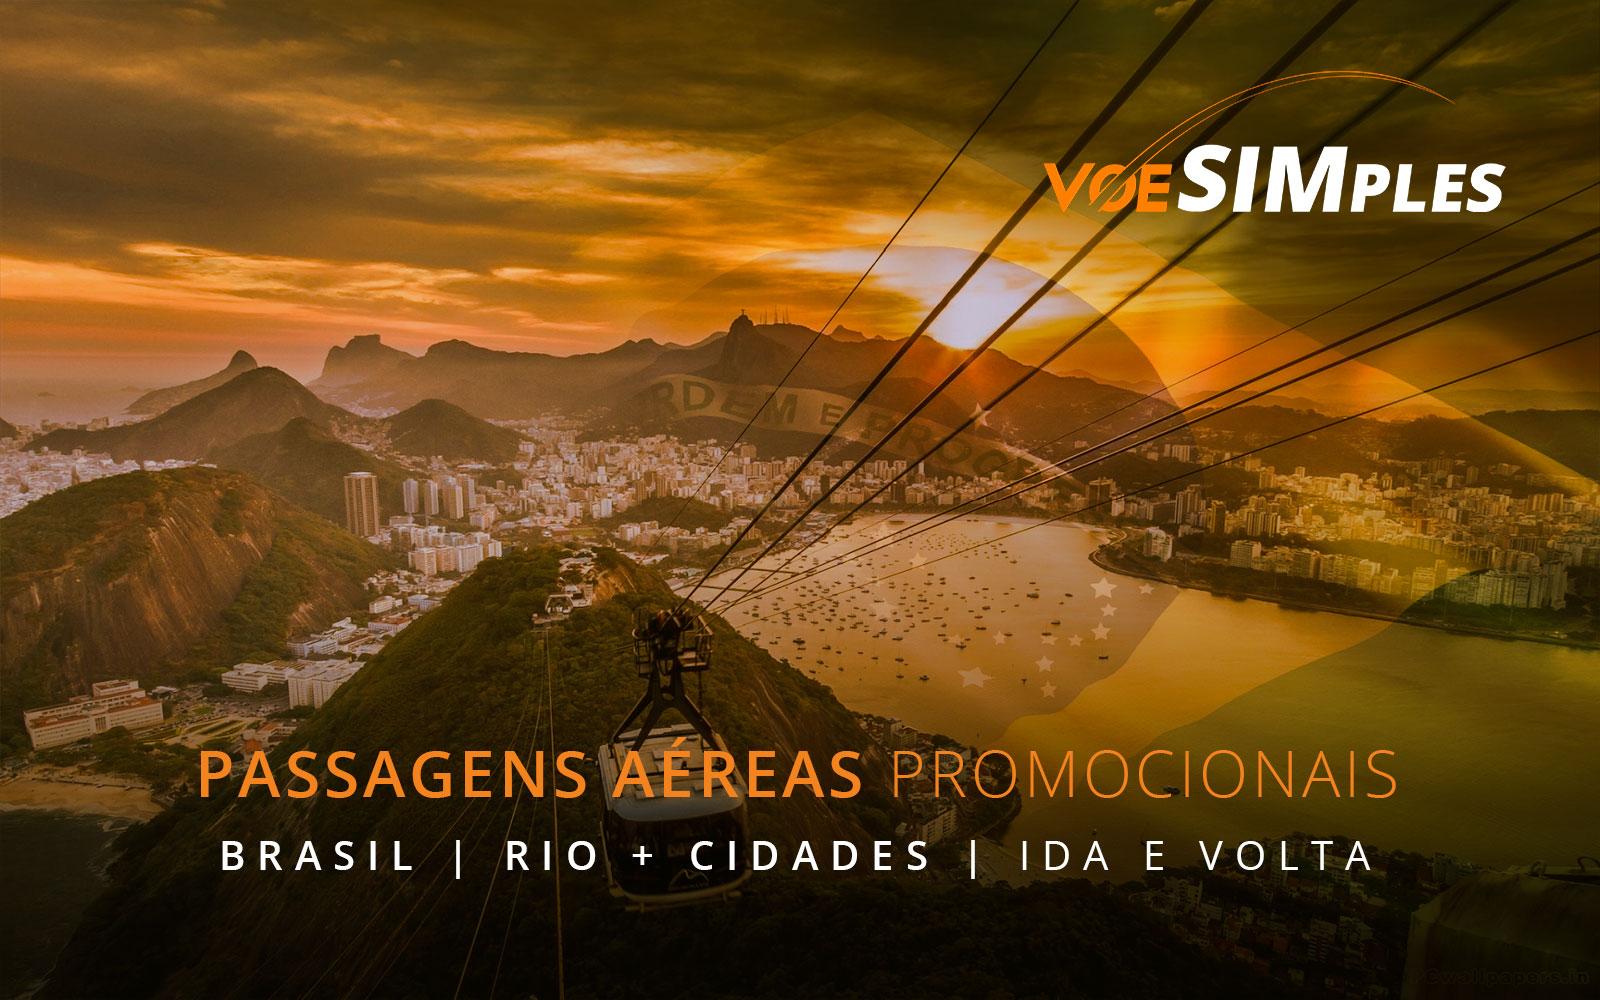 Passagens aéreas promocionais de avião no Brasil